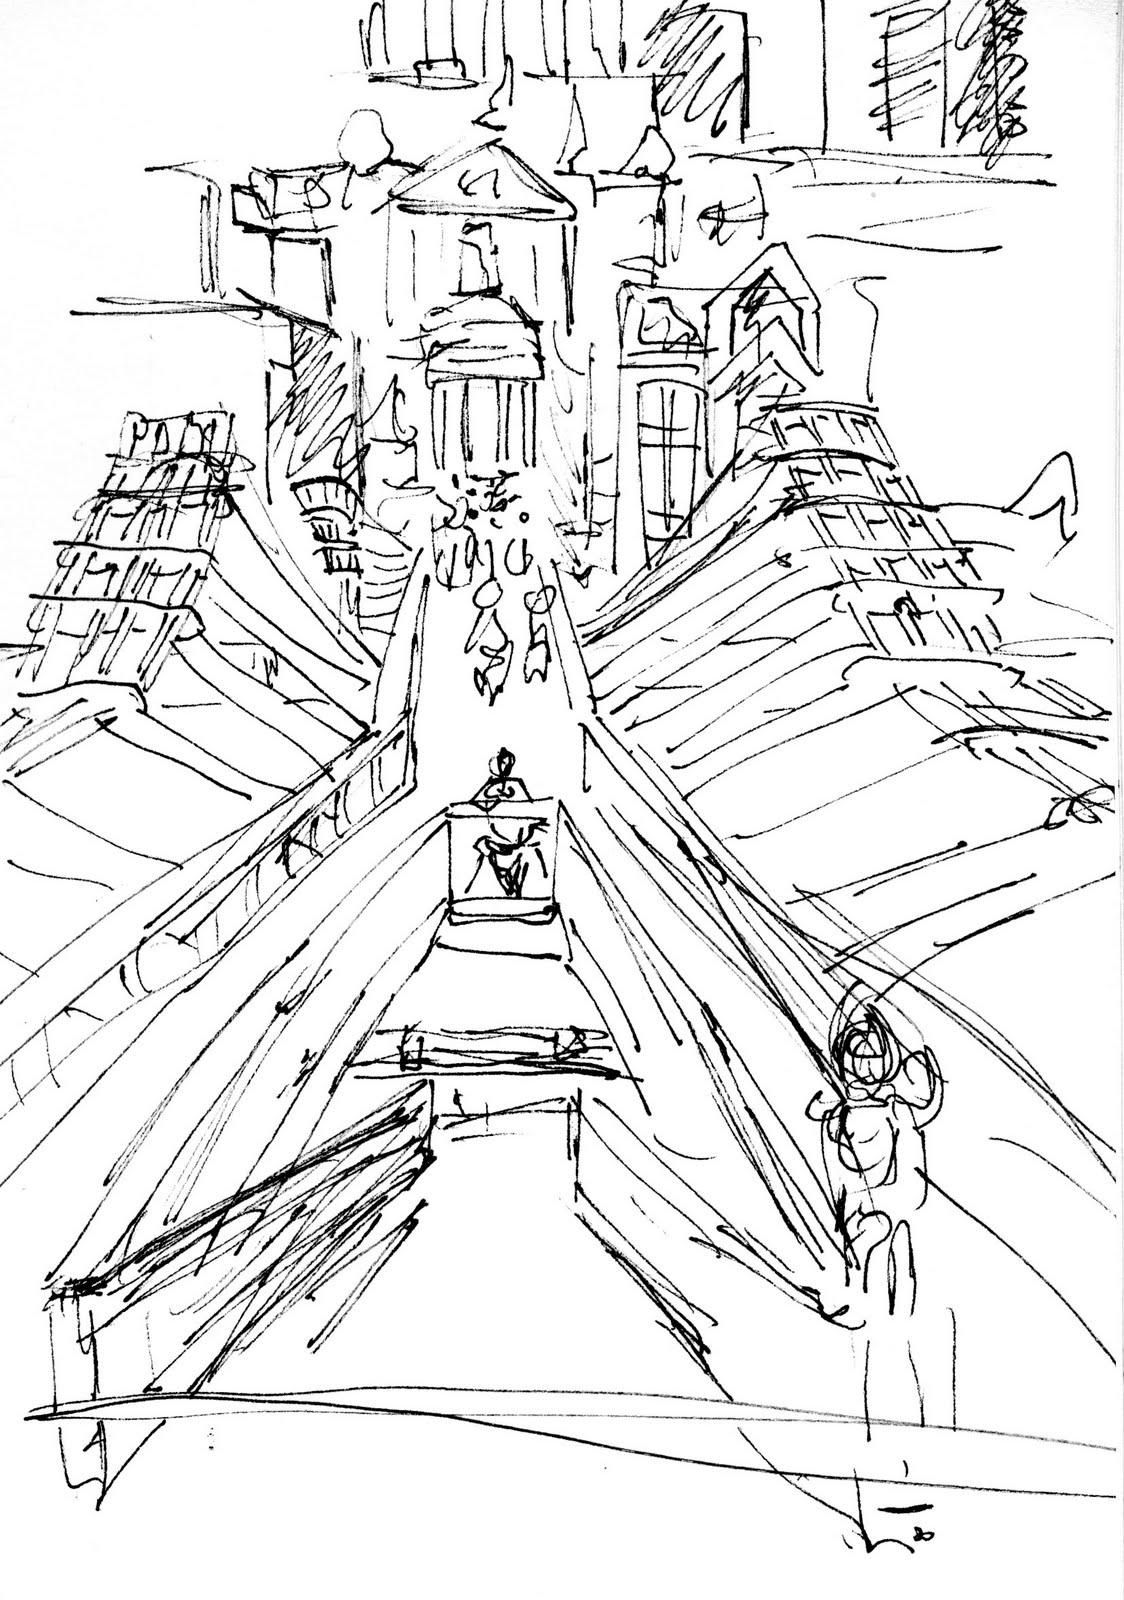 James Mathurin Art: Recent sketches